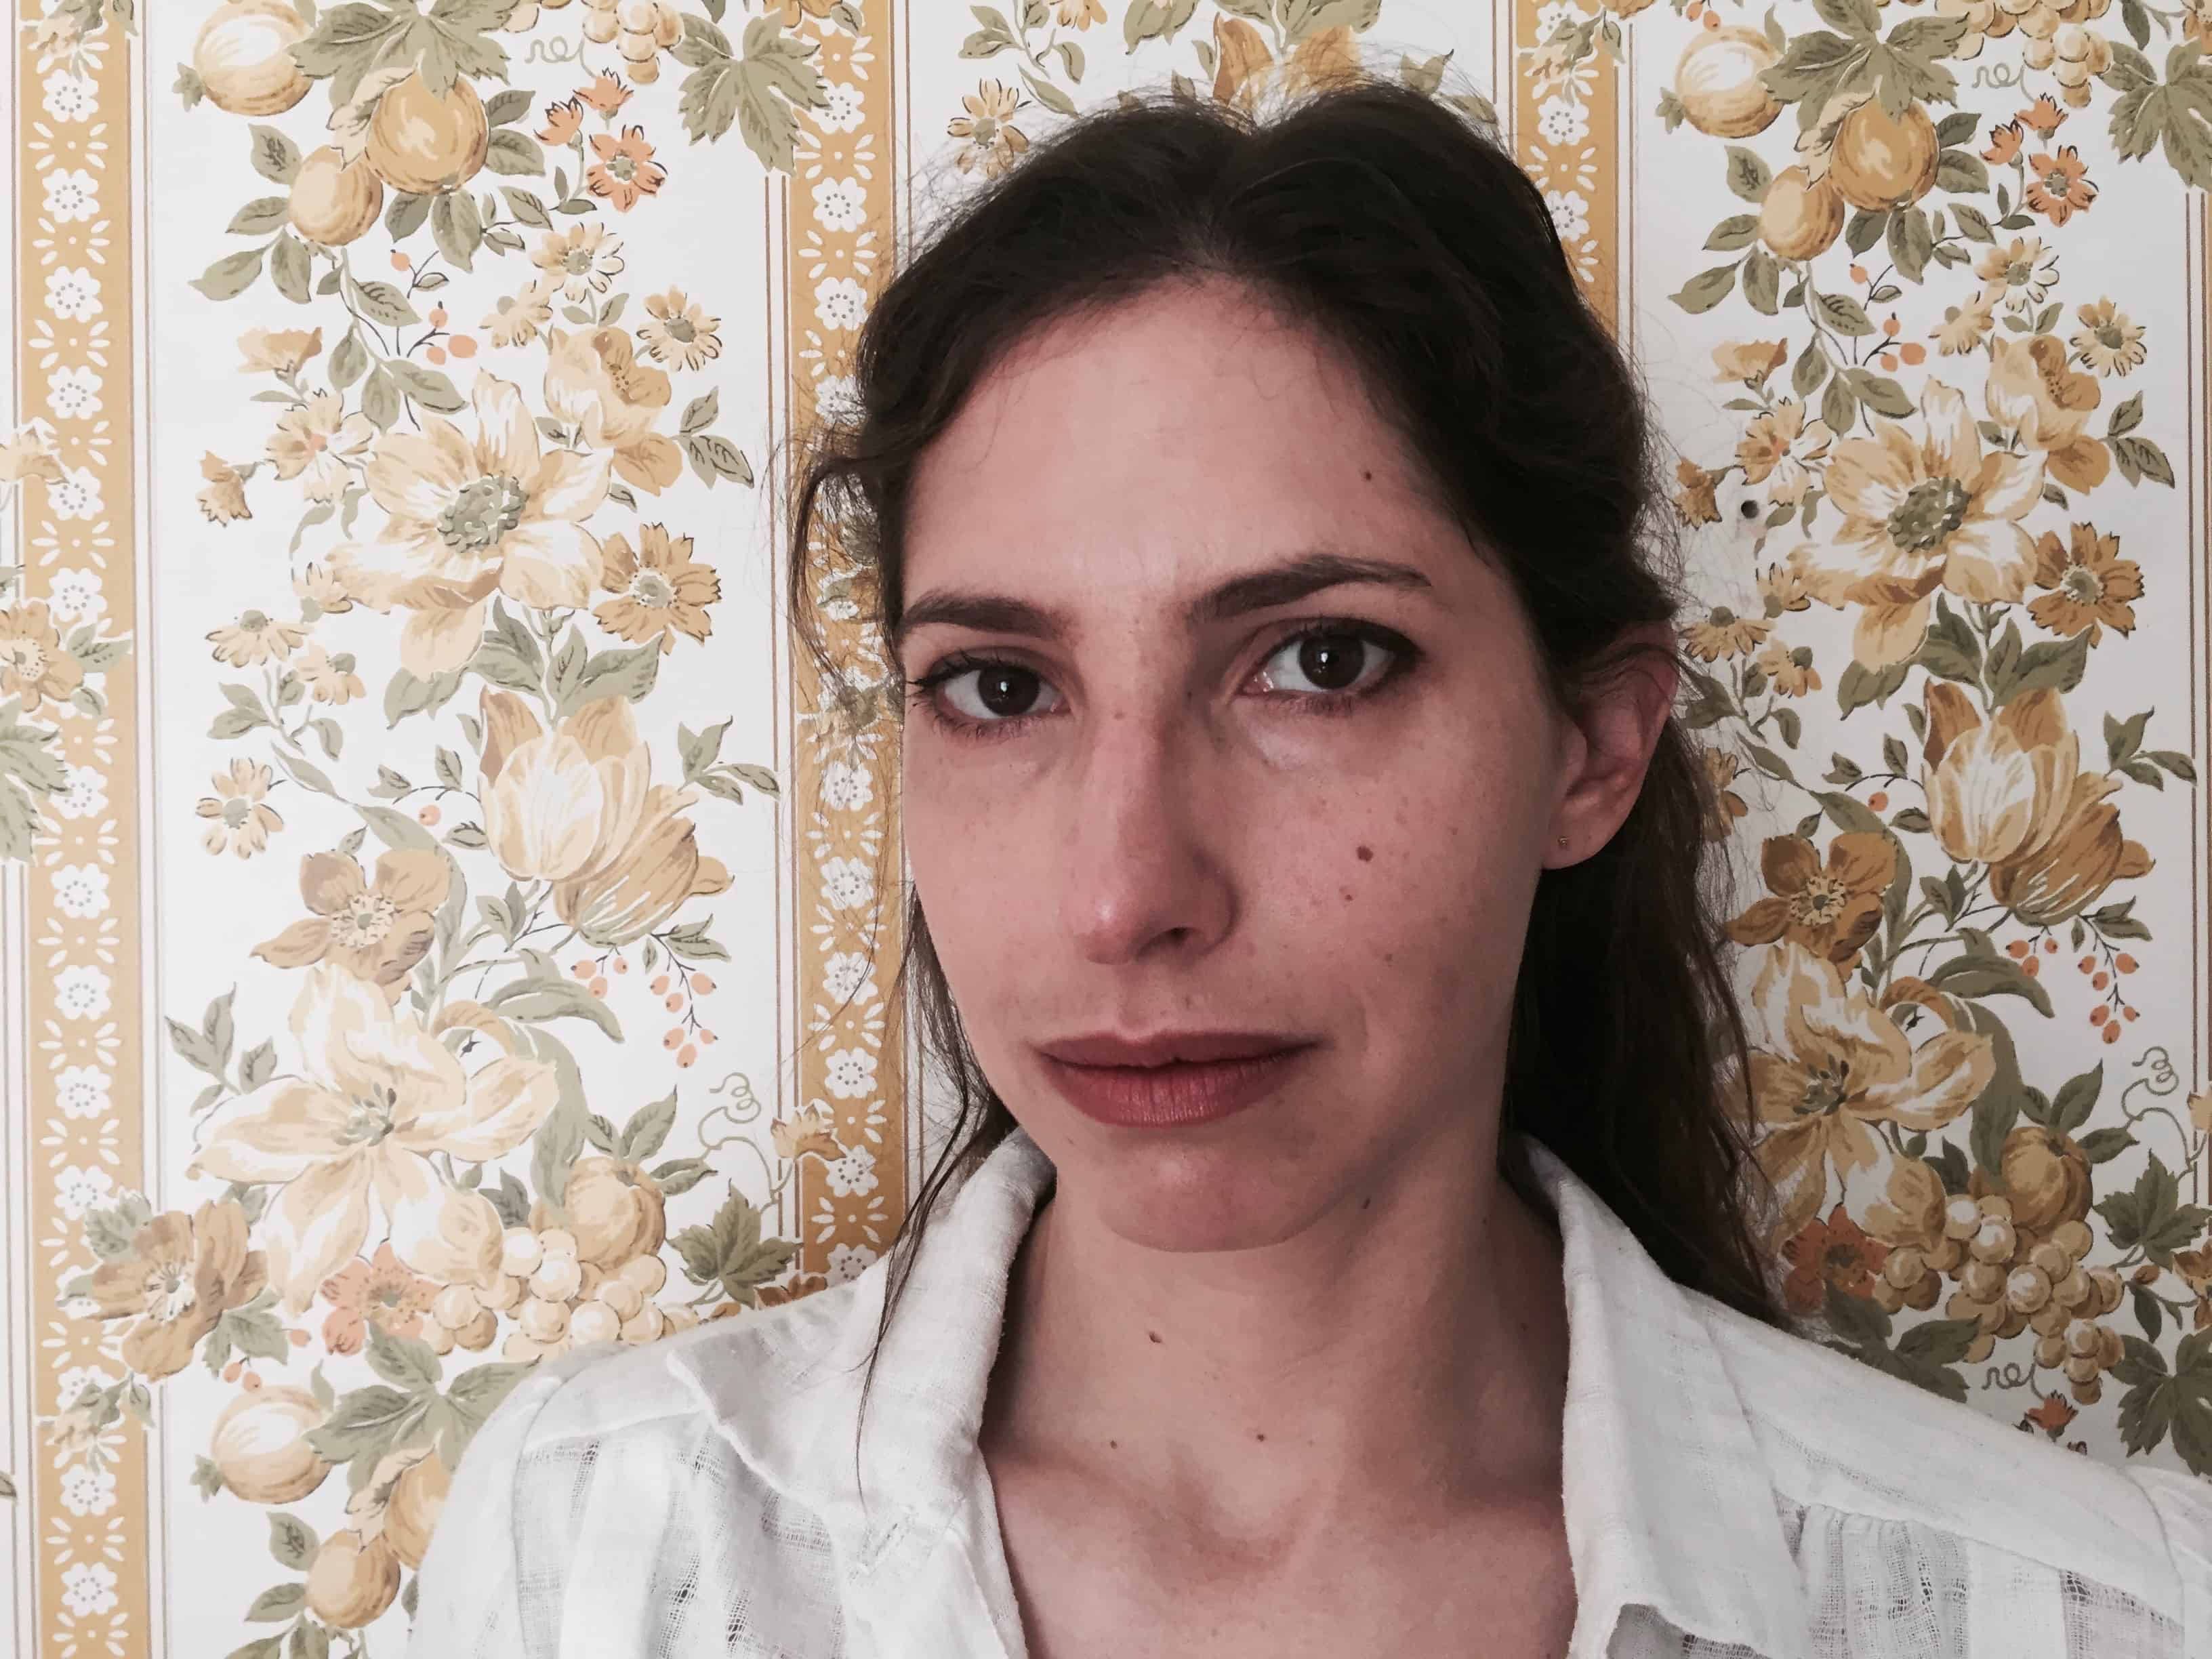 Rebecca Addelman